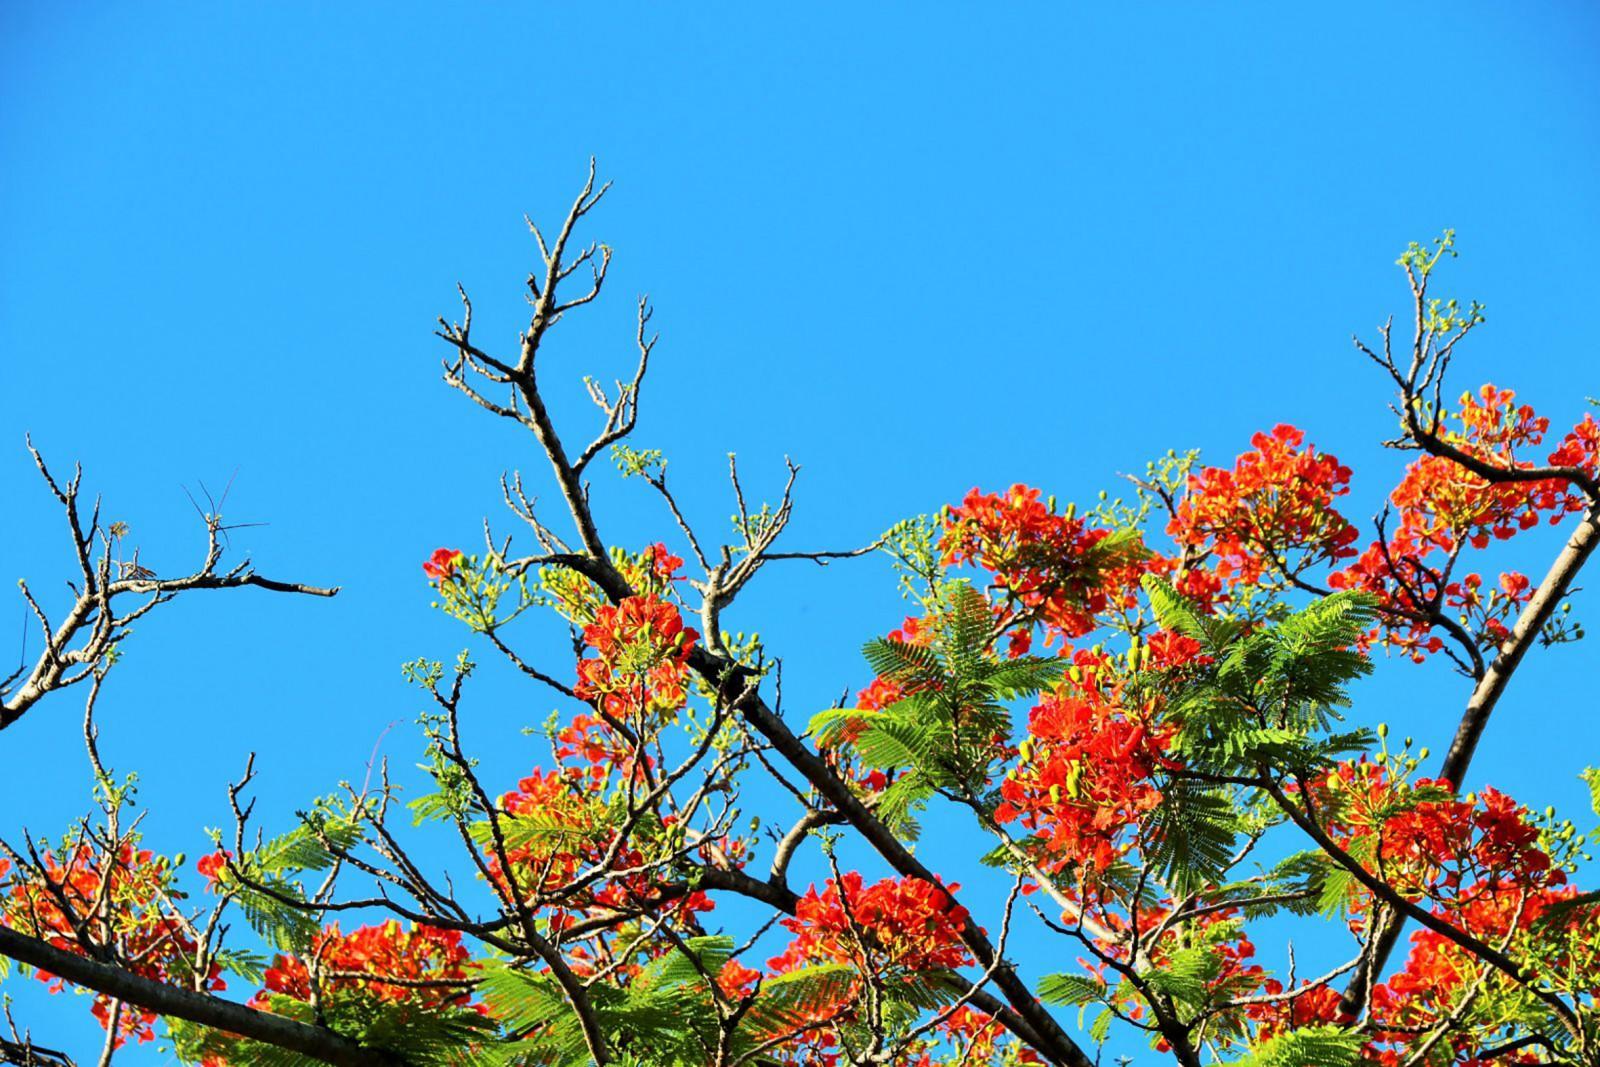 Phượng vĩ- loài hoa đặc trưng của TP Hải Phòng. Ảnh: DUY KHÔI